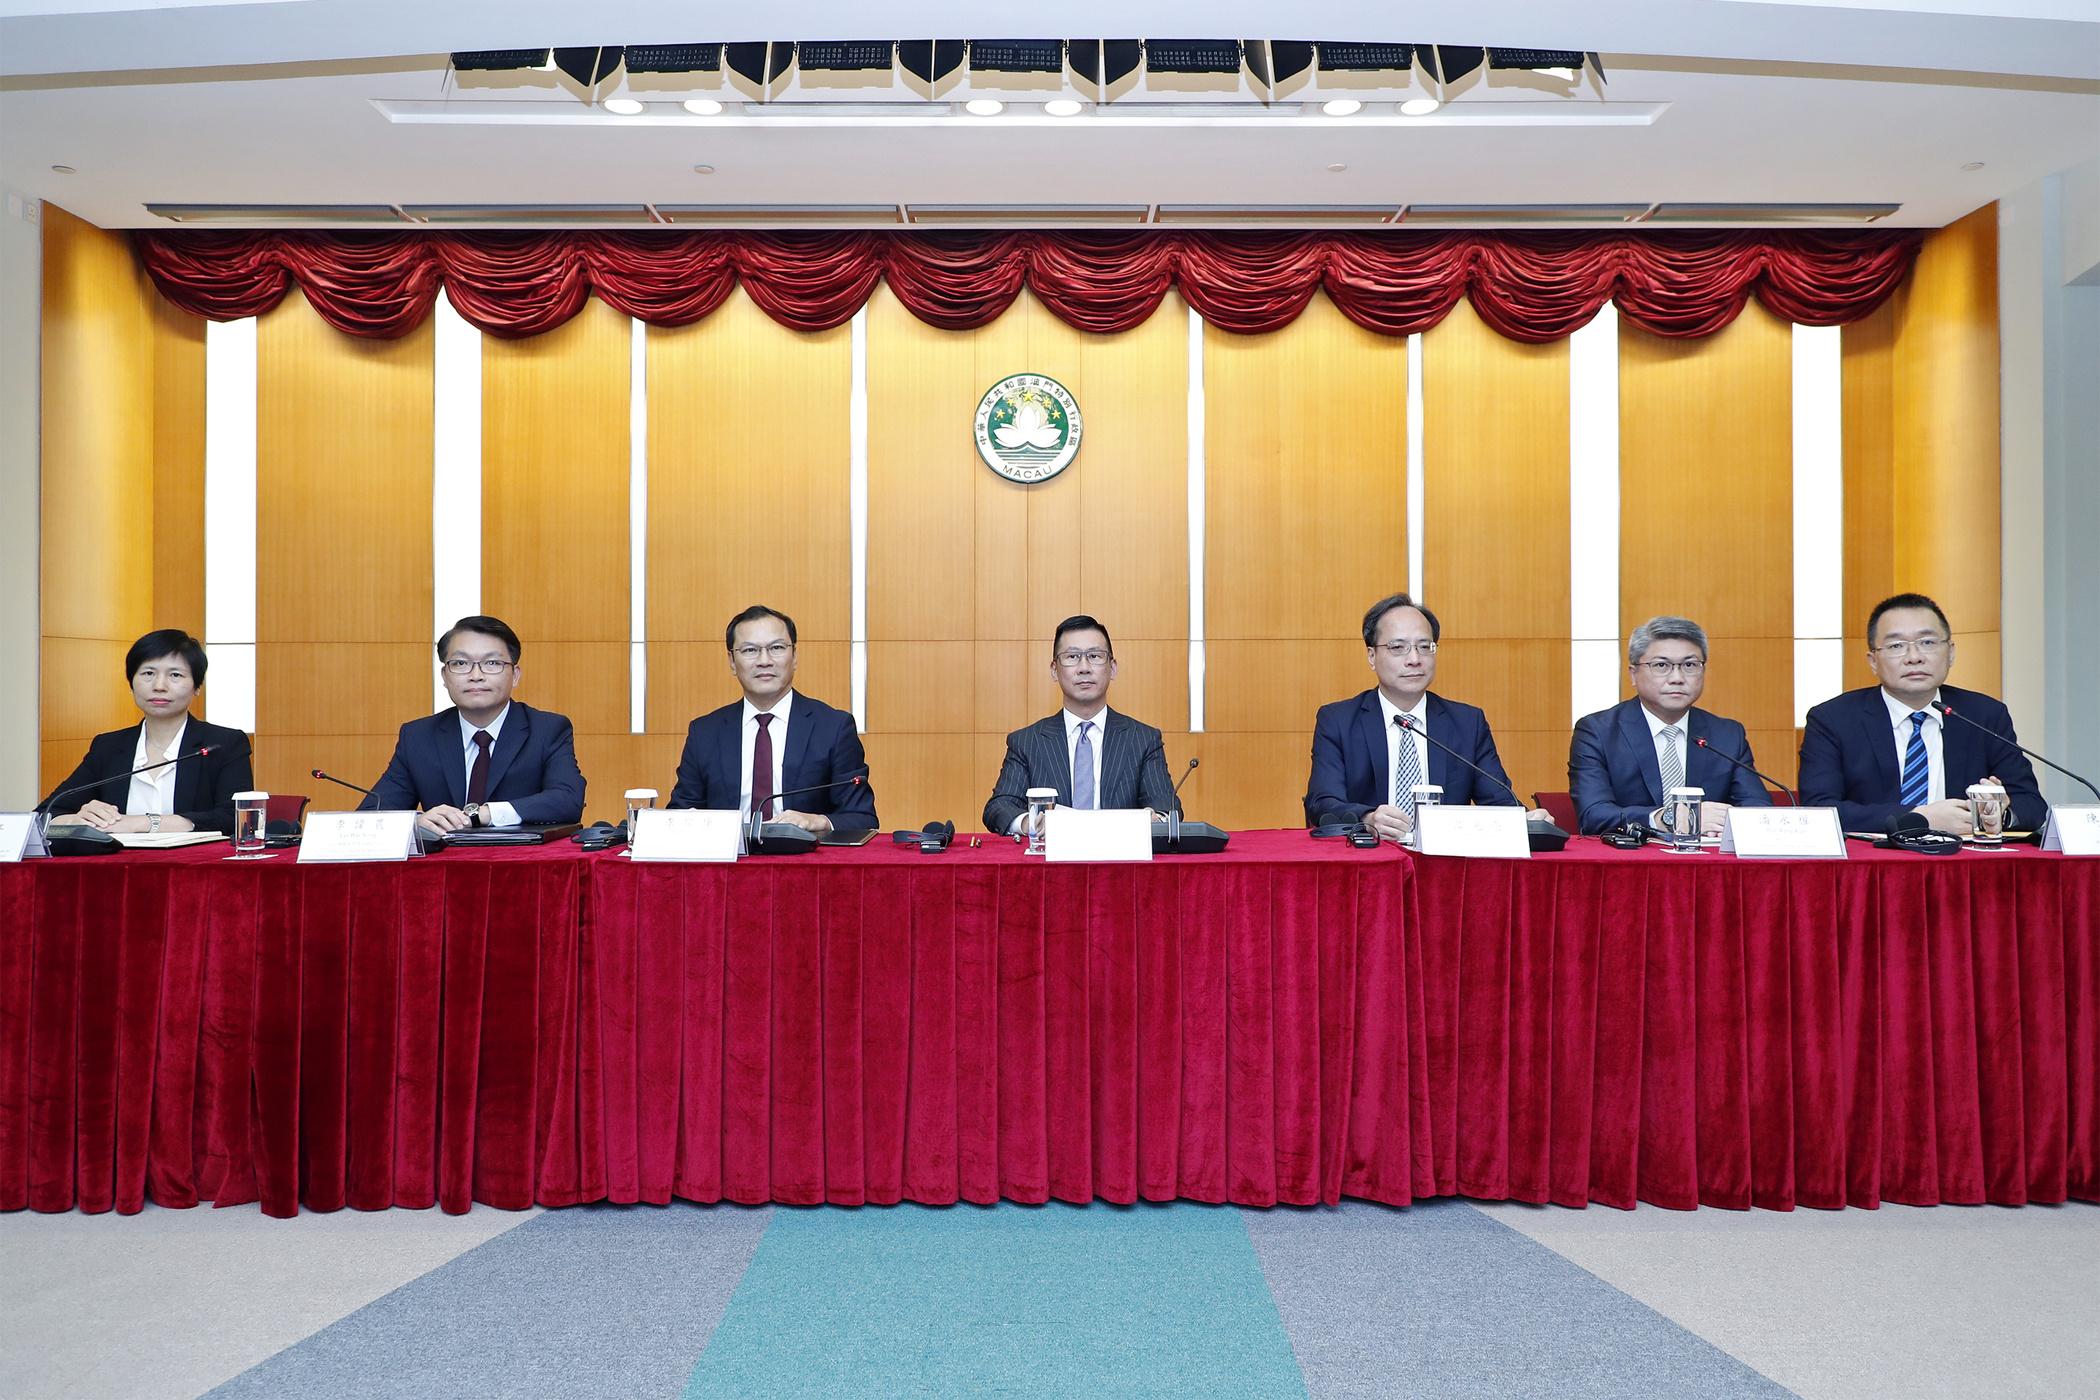 Canídromo   Yat Yuen arrisca pagar entre 13 e 65 milhões de patacas em multas